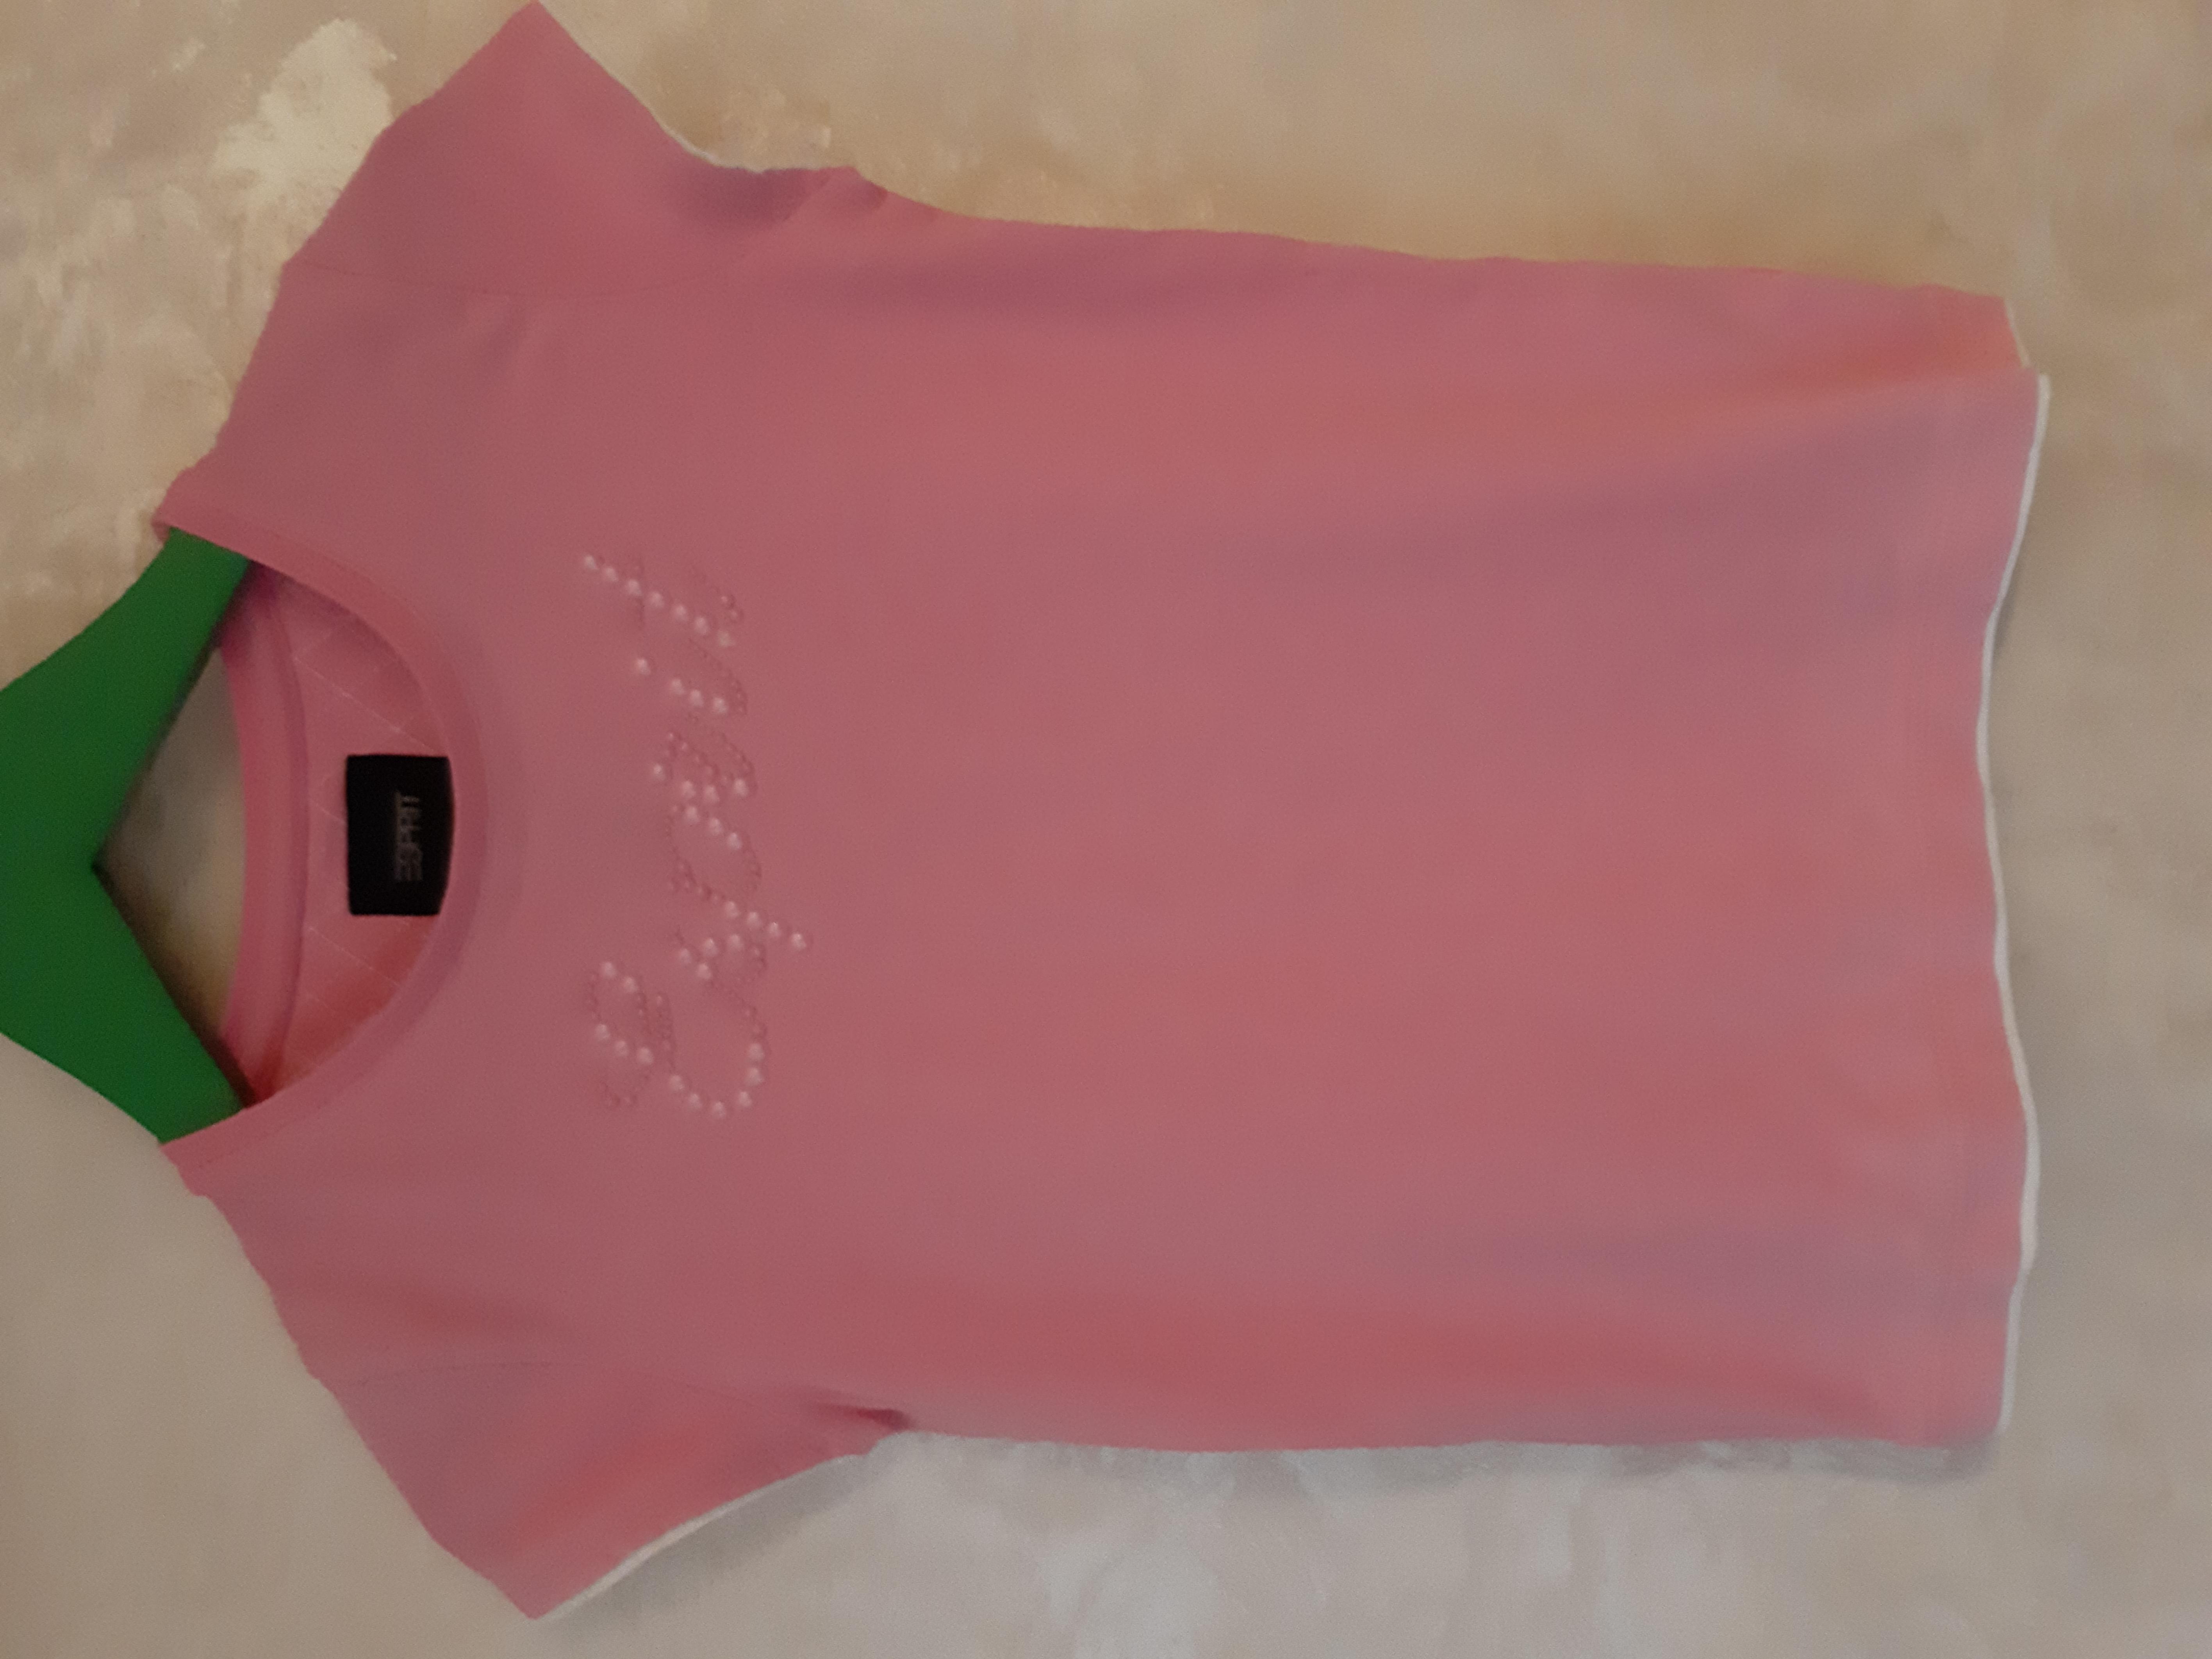 Стоп ! Стильна яскрава футболка з бусінками фірми Espirit - Фото №1